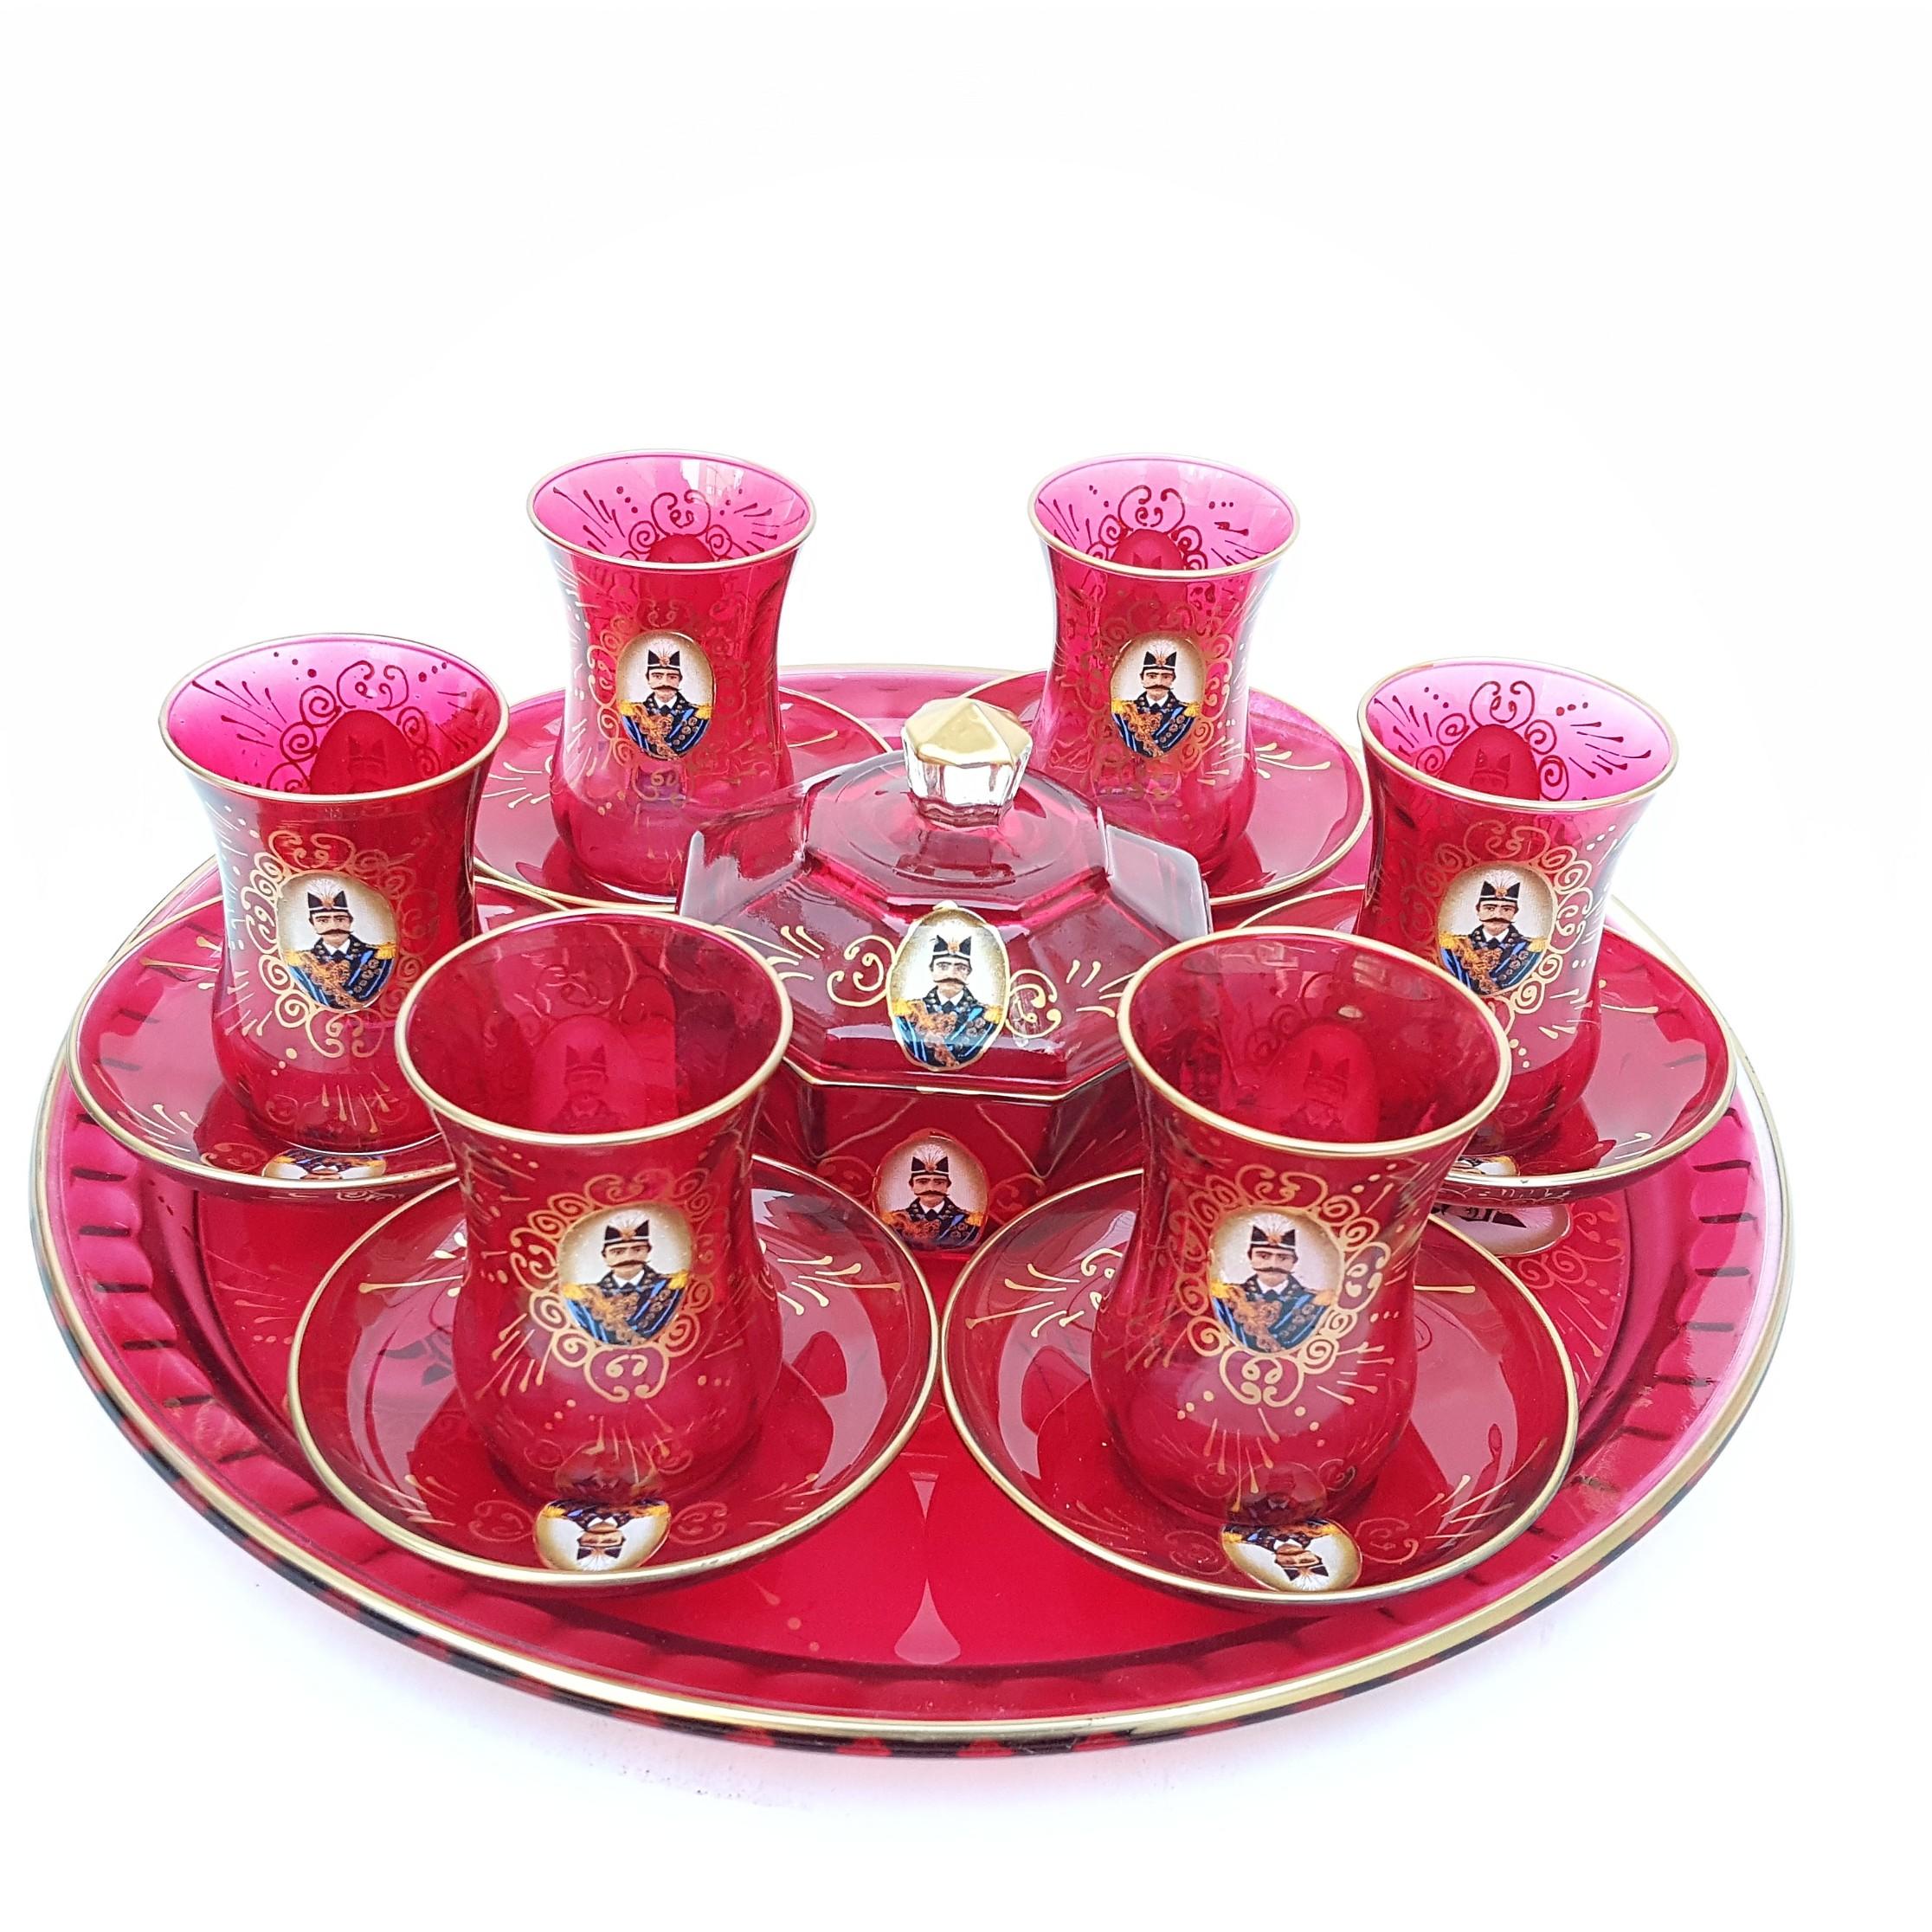 سرویس چای خوری 15 پارچه طرح شاه عباسی